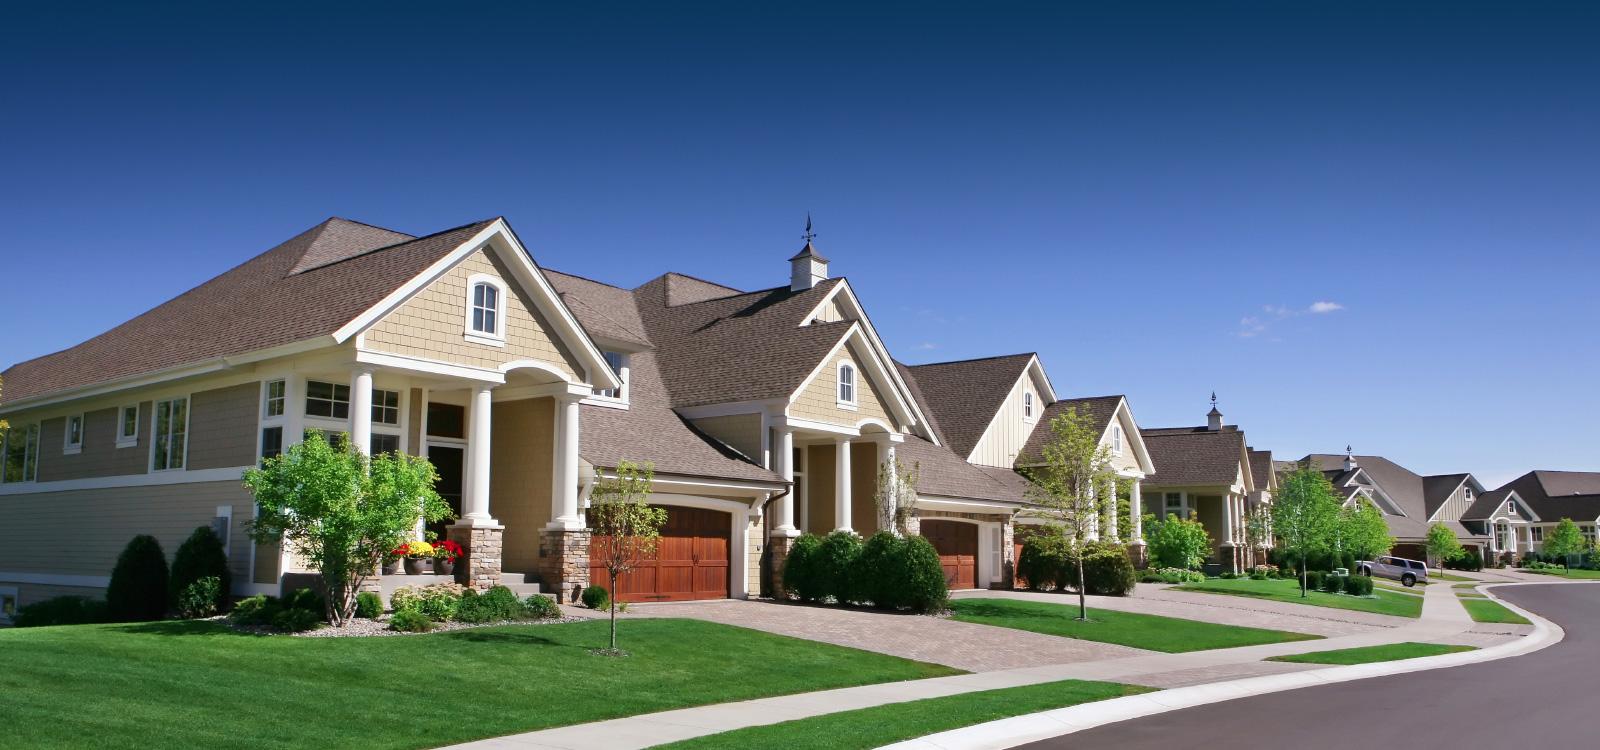 Home Inspection Checklist San Antonio